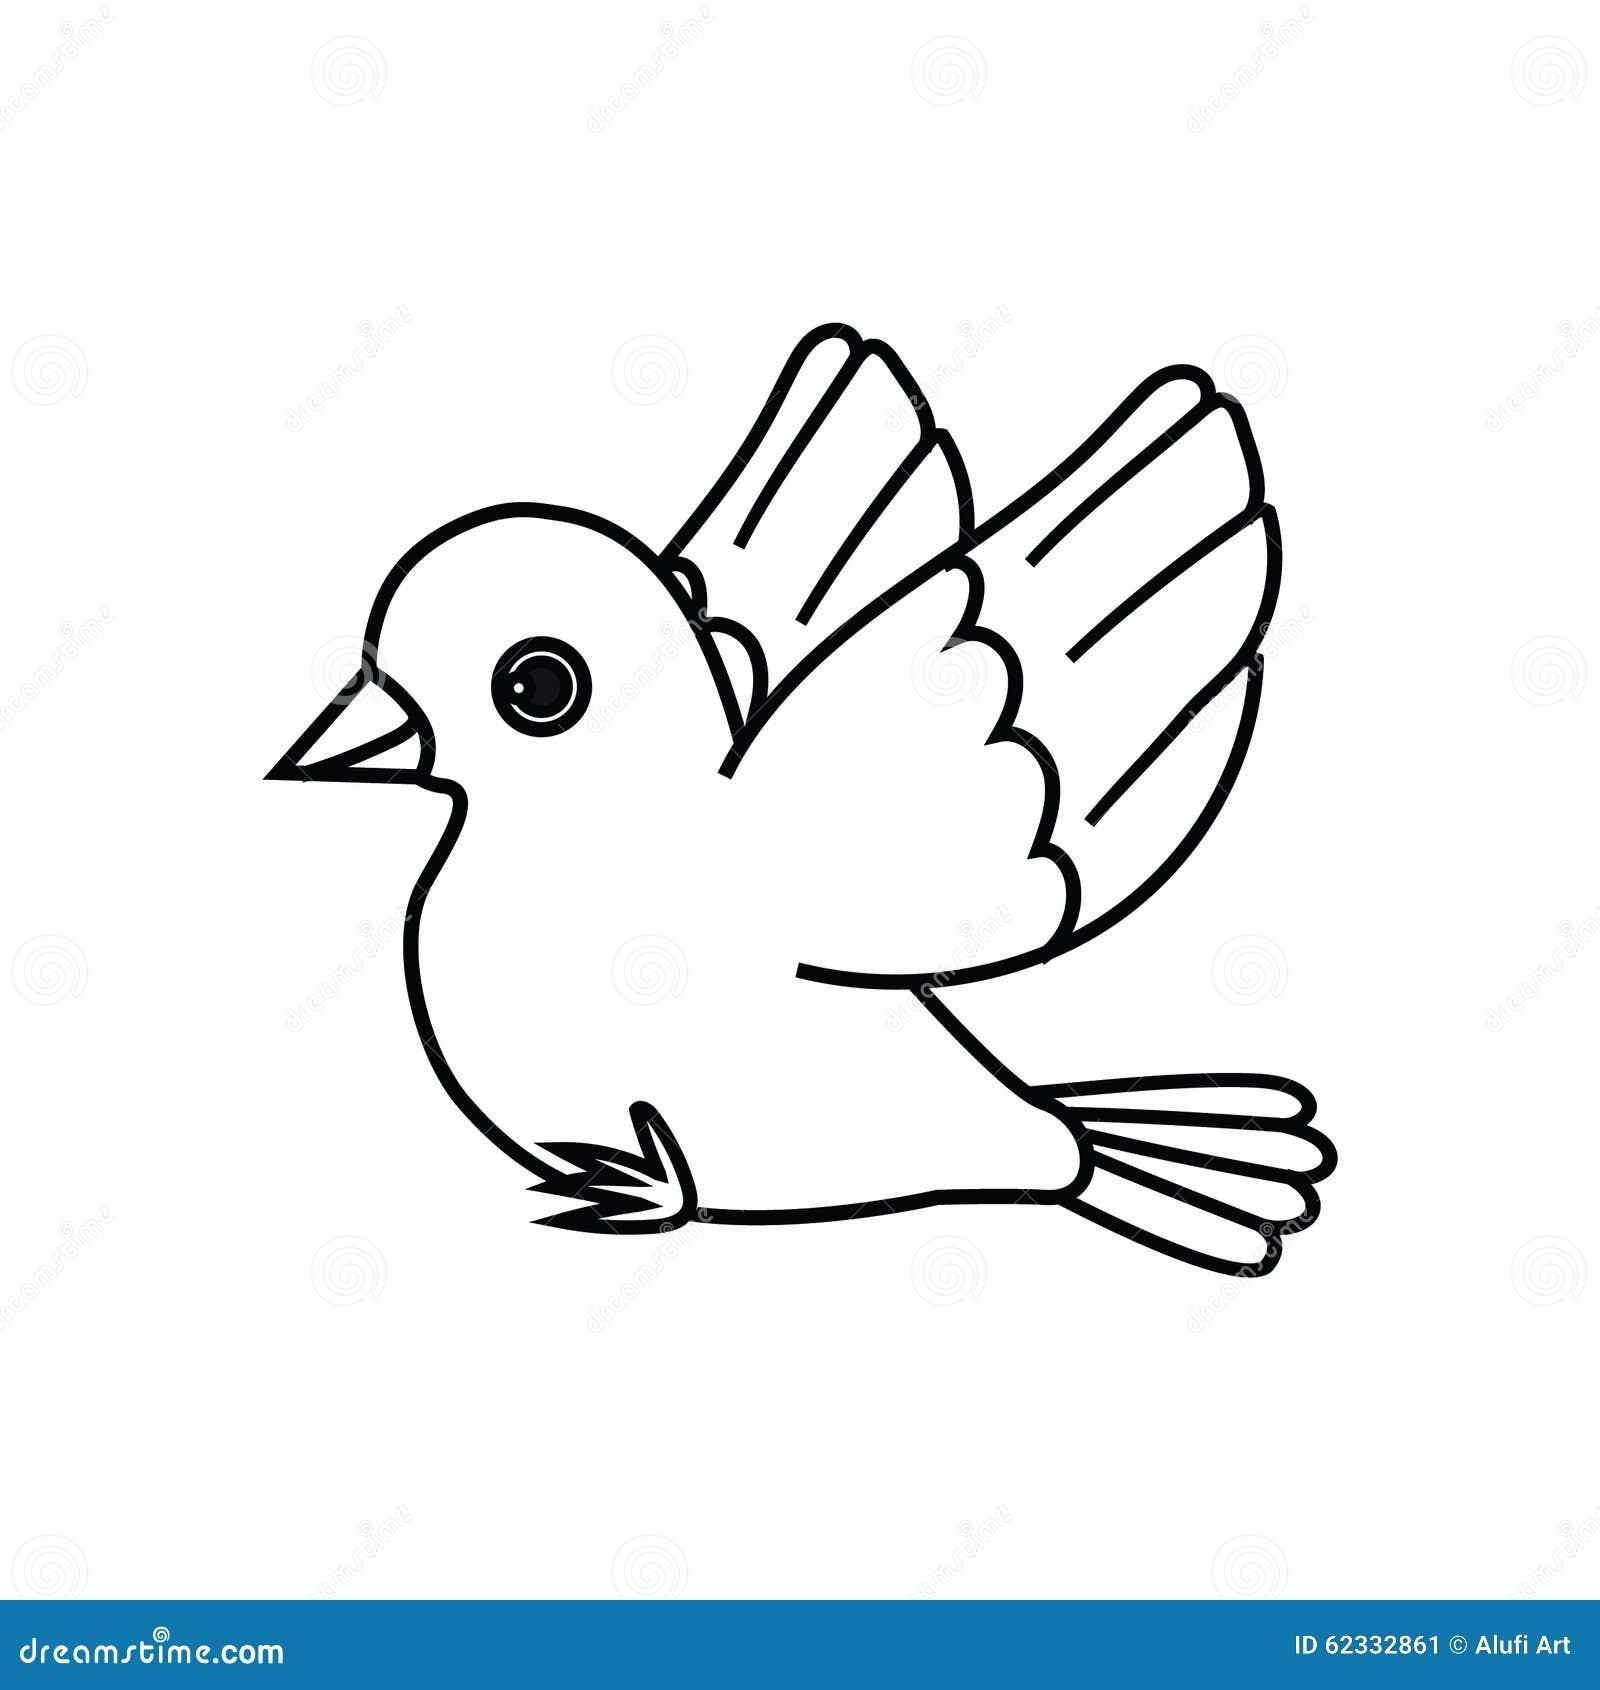 Fliegen-Vogel-Entwurf (bereiten Sie vor, um zu hocken)